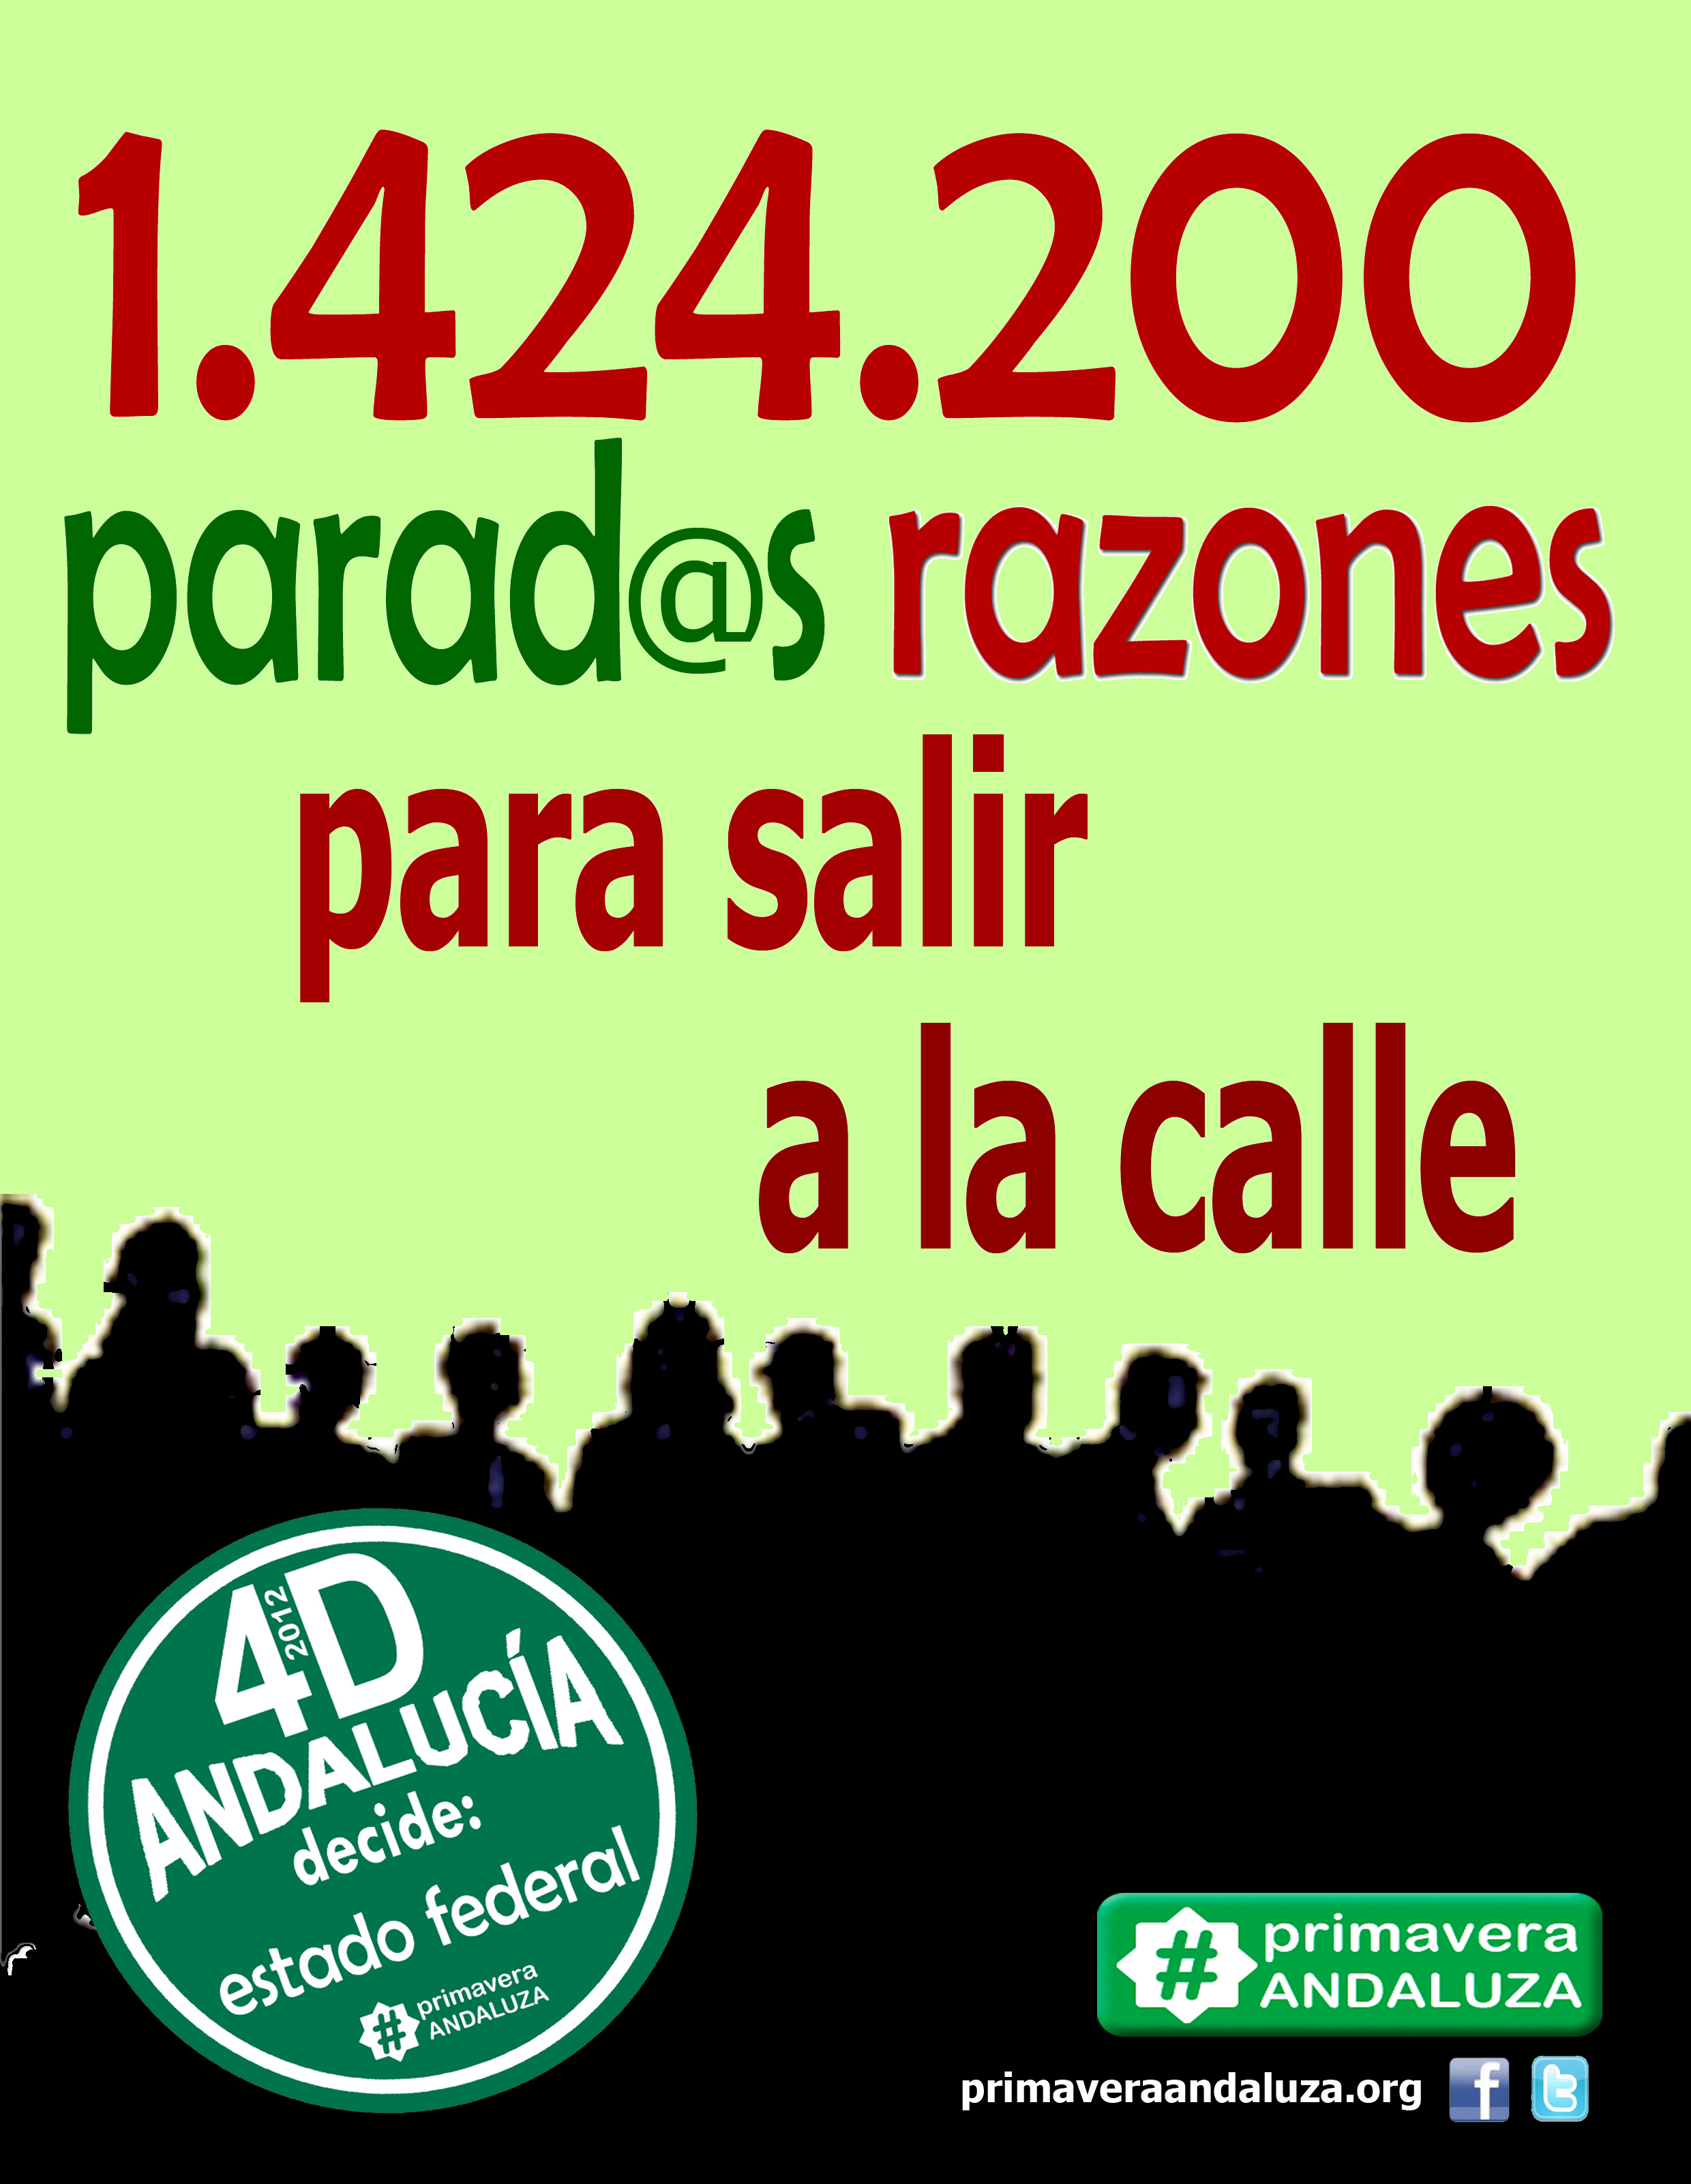 1424200 RAZONES PARA EL 4D